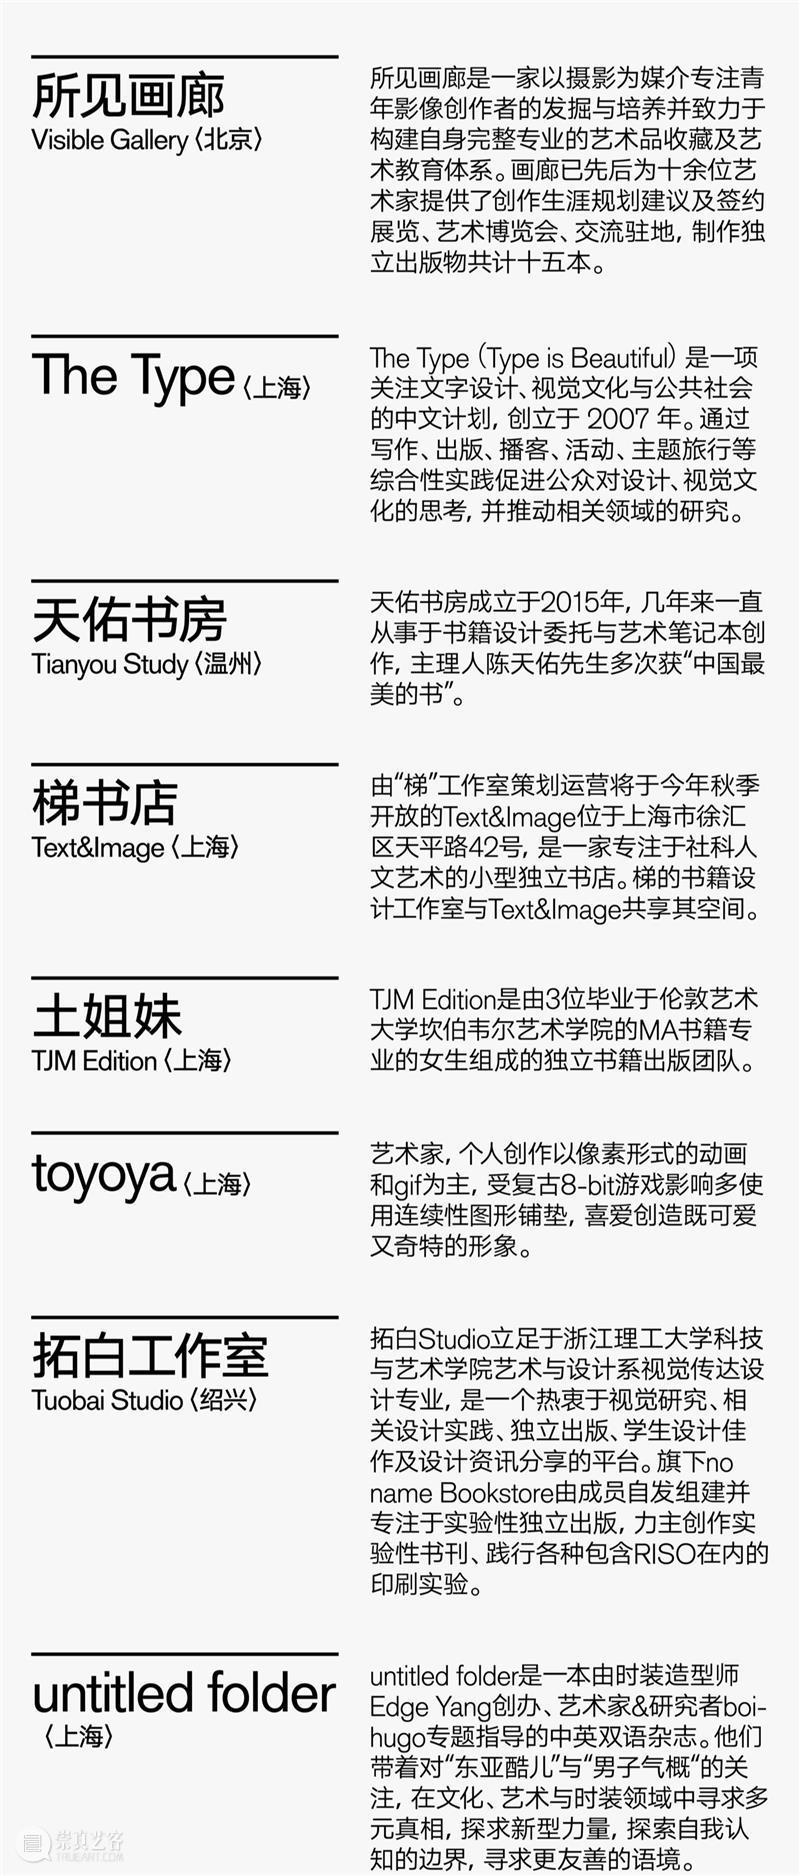 第三届上海艺术书展参展单位全名单公布 上海 艺术 书展 单位 名单 上海艺术书展组委会 M50创意园 文化 地标 创意 崇真艺客